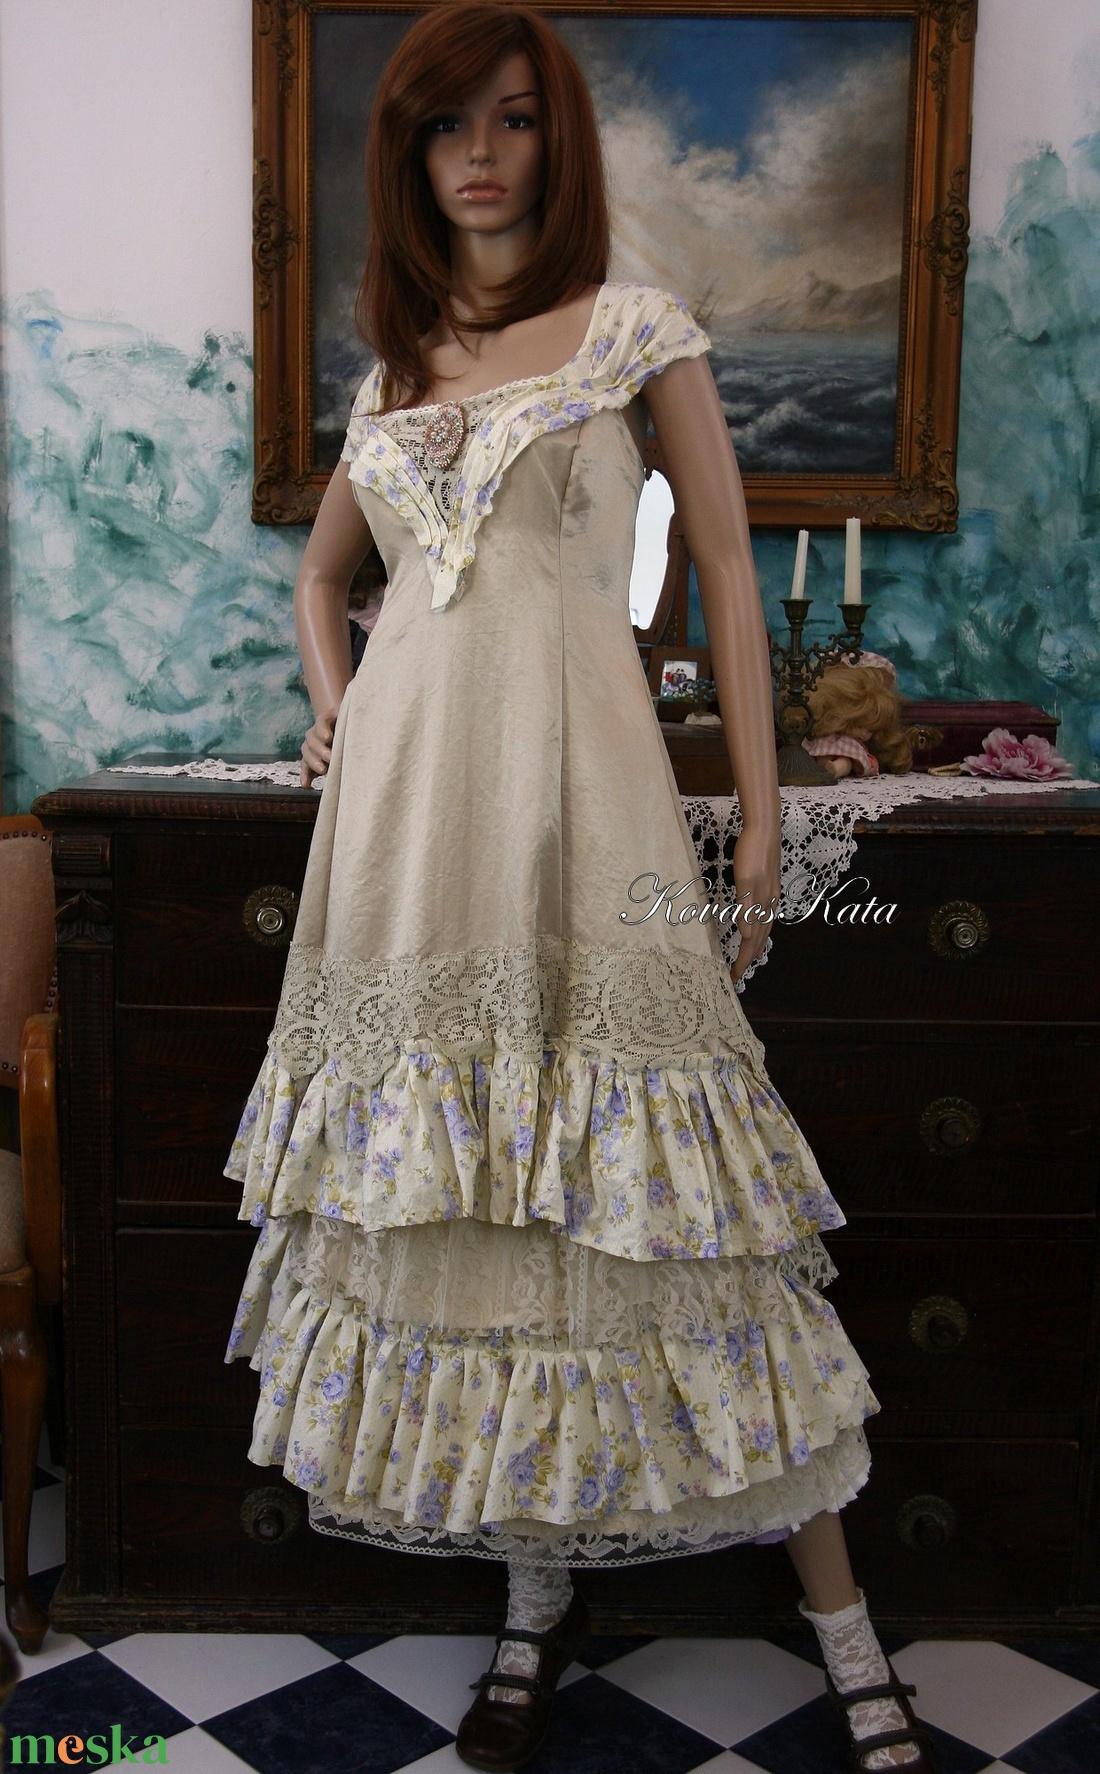 ... ARIKA- designruha XL - alternatív esküvői ruha (Aranybrokat) - Meska.hu 3661b756dc